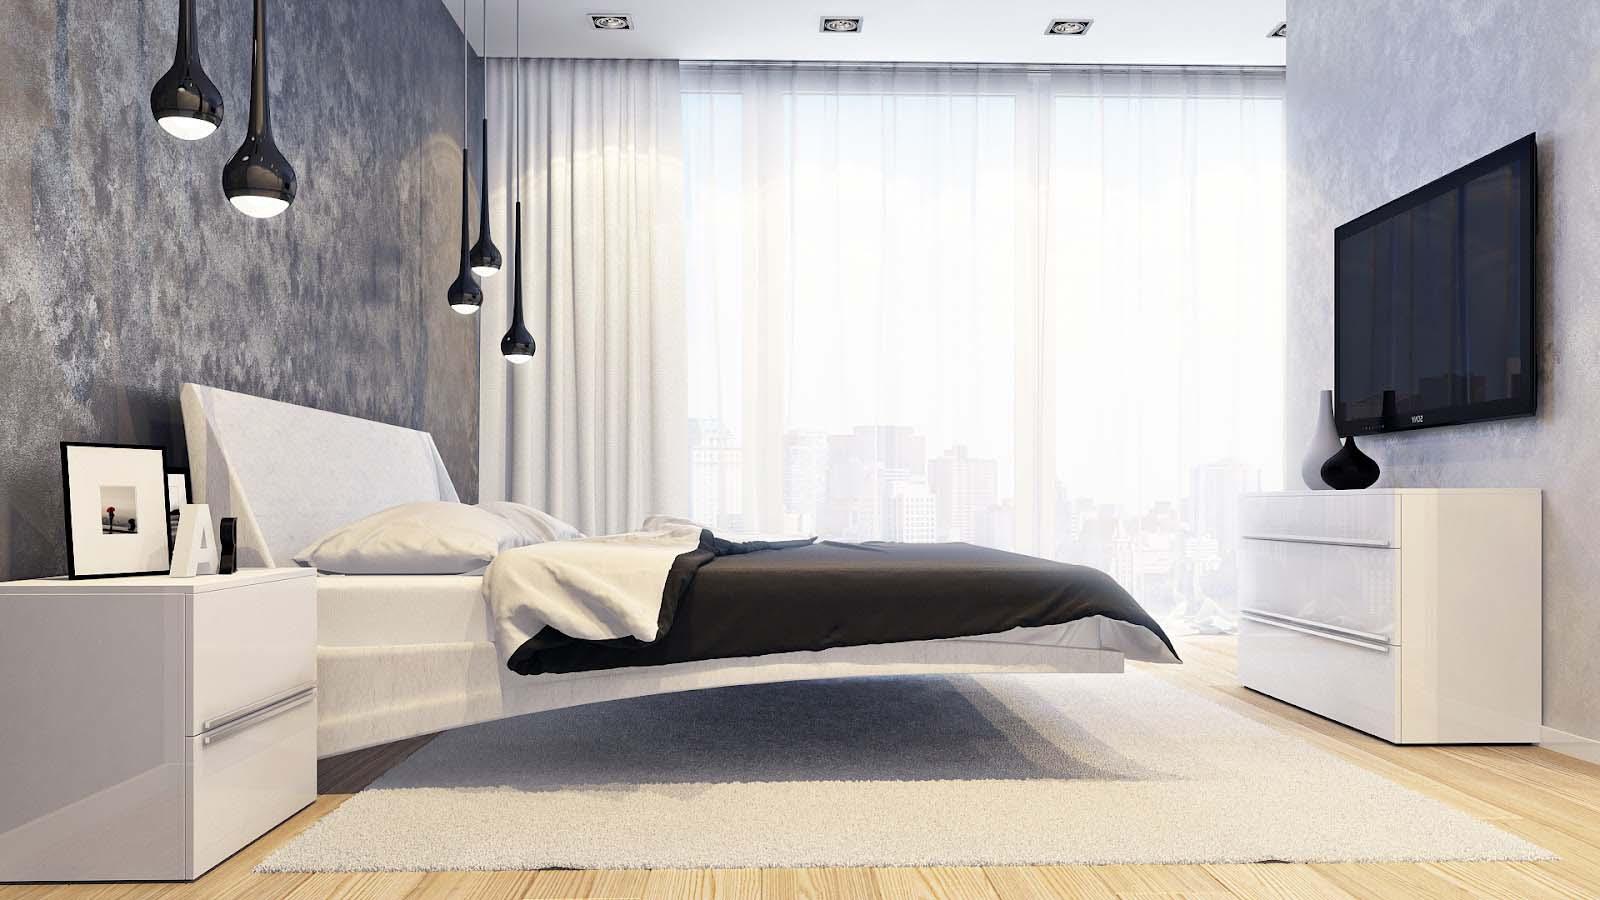 Мебель в стиле минимализм из современных материалов